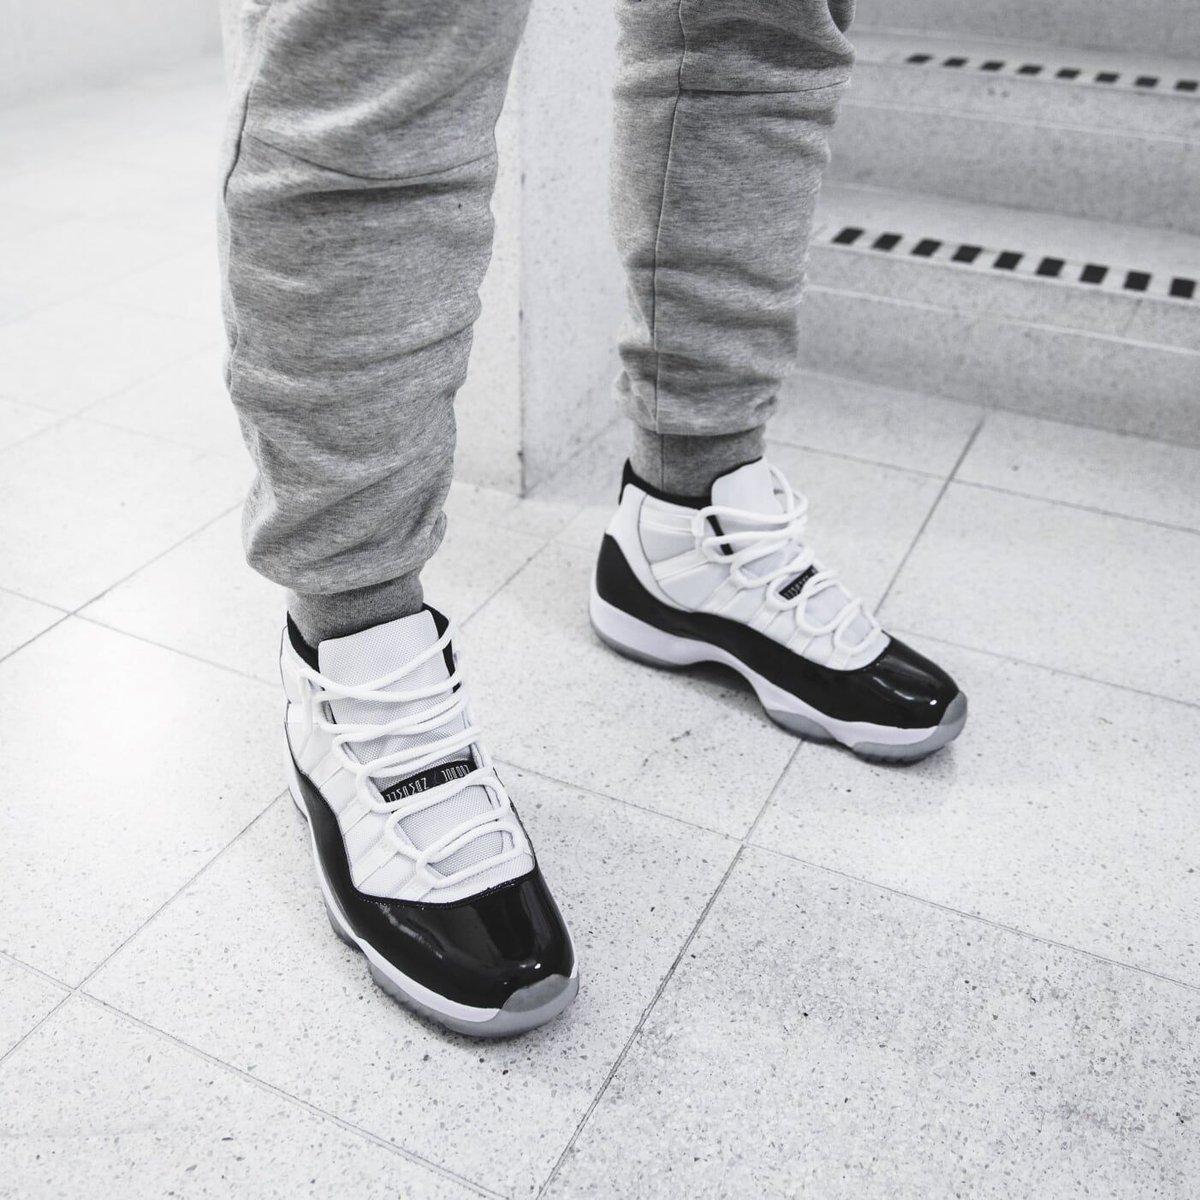 b3cb8f8a1904b4 Sneaker Myth on Twitter